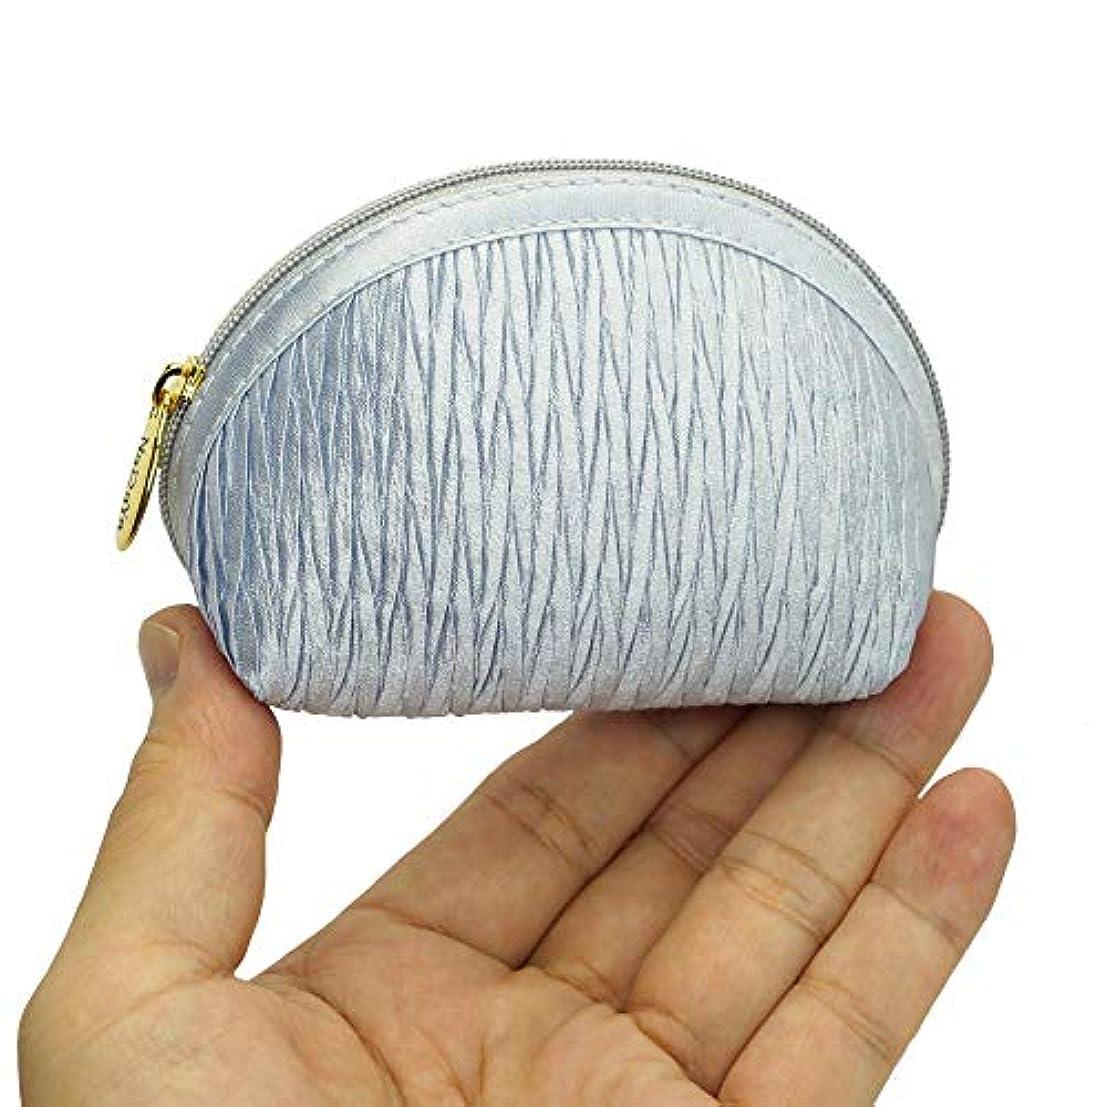 シンプトン性能錫ナラヤ NaRaYa 手のひらサイズ シェル型 コスメポーチ 化粧ポーチ ?プリーツ(プラチナ) NPL-37